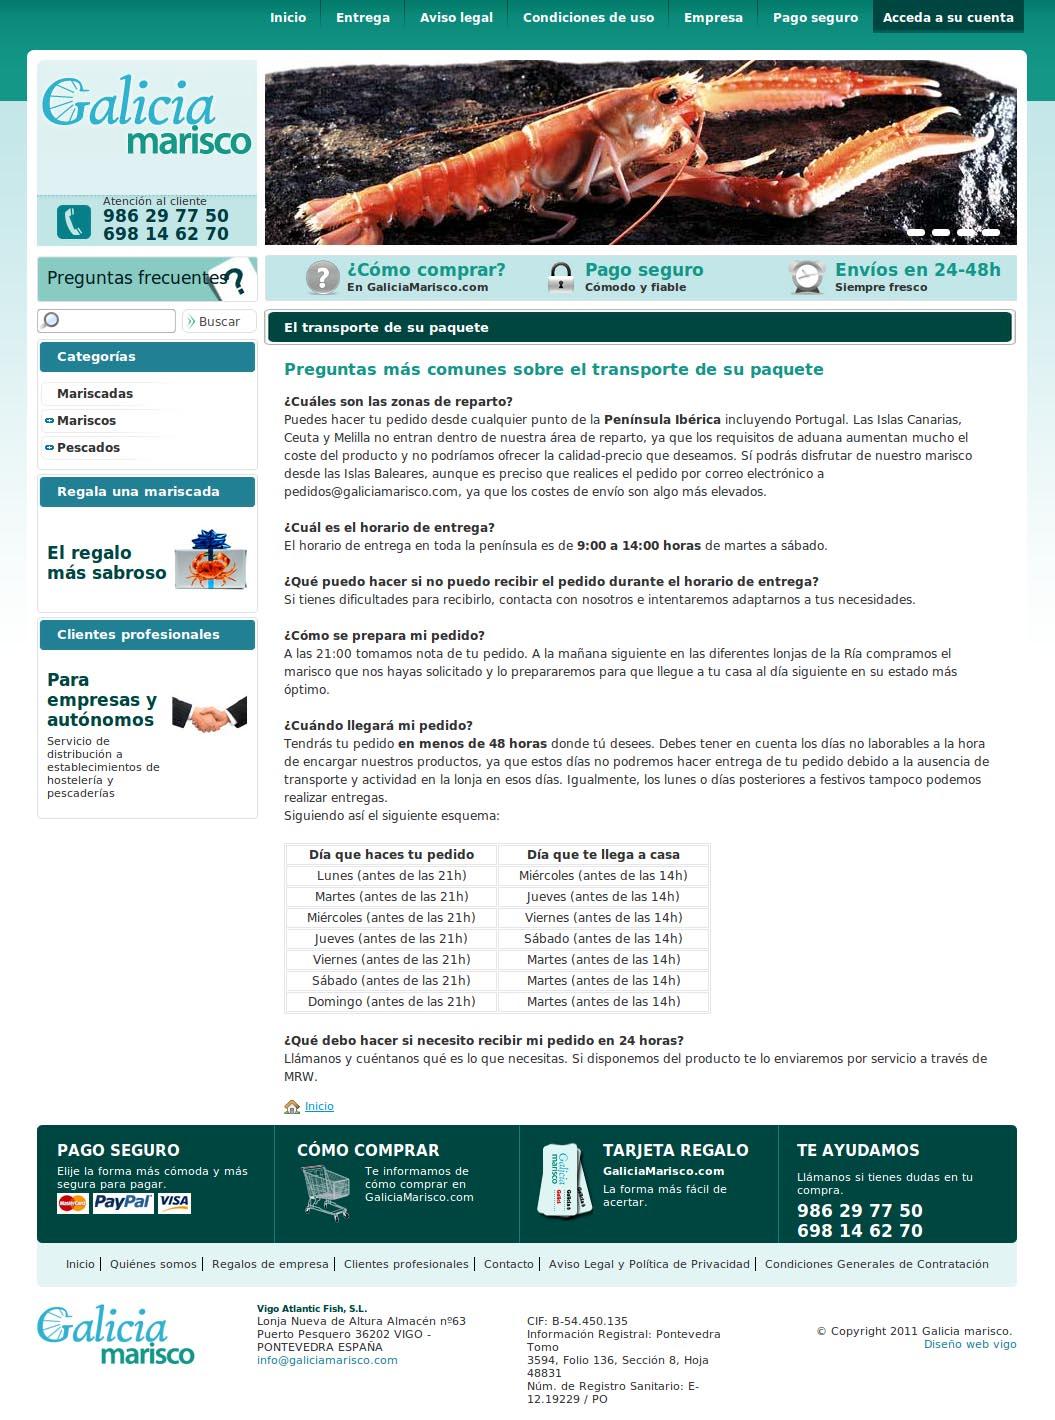 Captura de la Web de Galicia Marisco